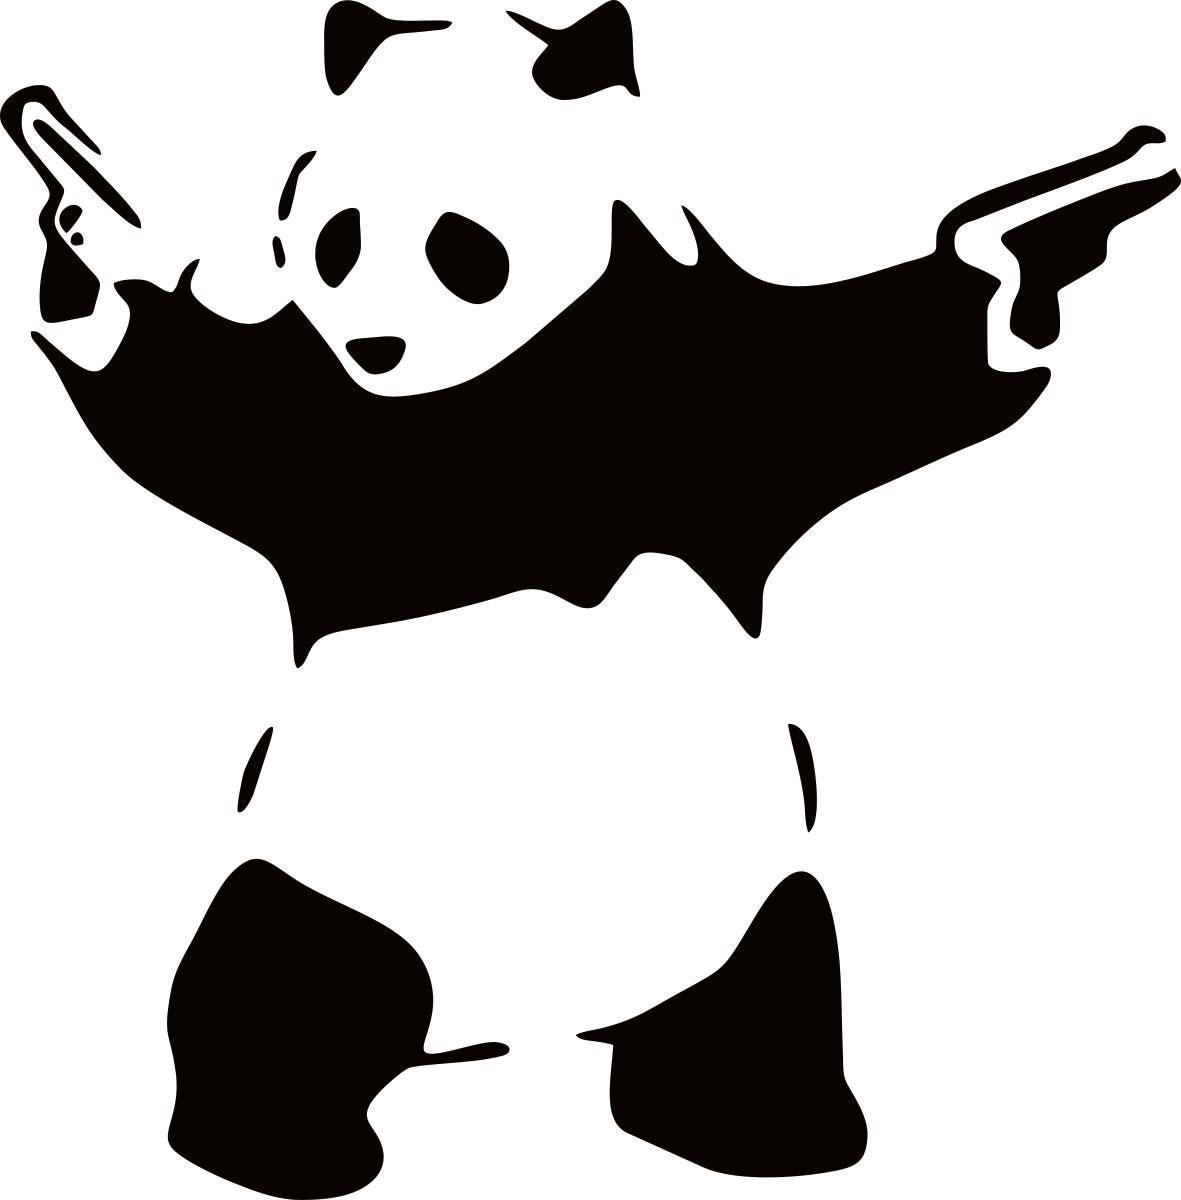 Наклейка автомобильная Оранжевый слоник Гангстапанда, виниловая, цвет: черный наклейка автомобильная оранжевый слоник панда виниловая цвет черный